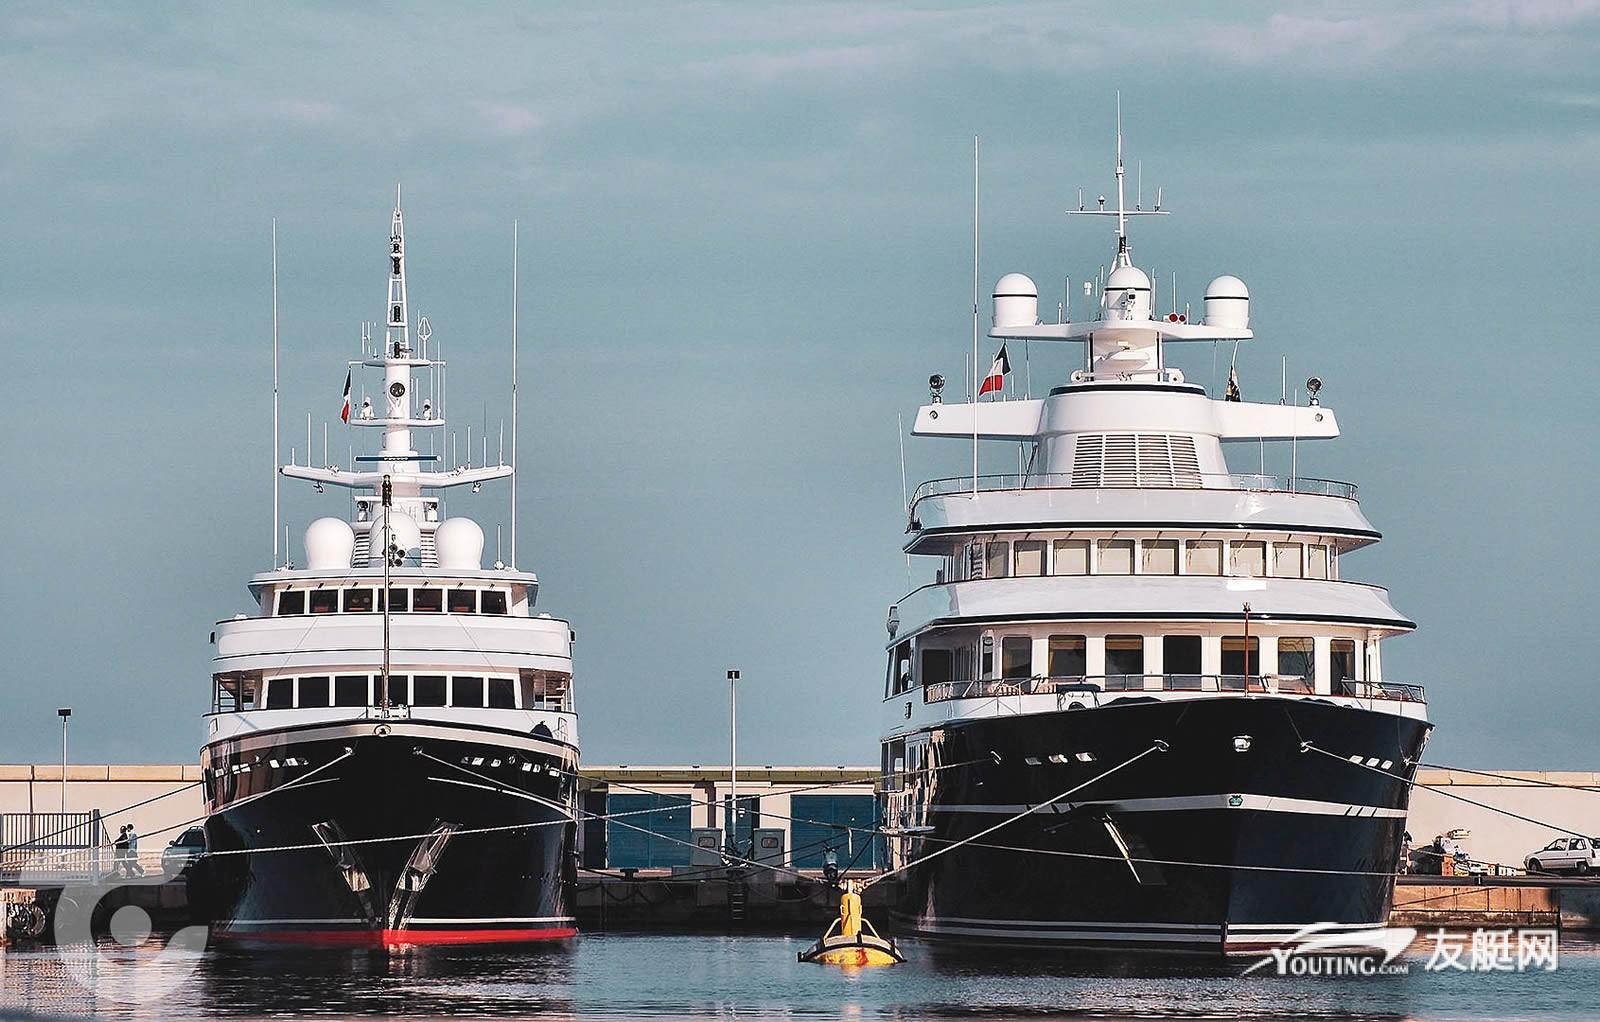 超艇 Virginian 与 Leander G 并排停泊在昂蒂布